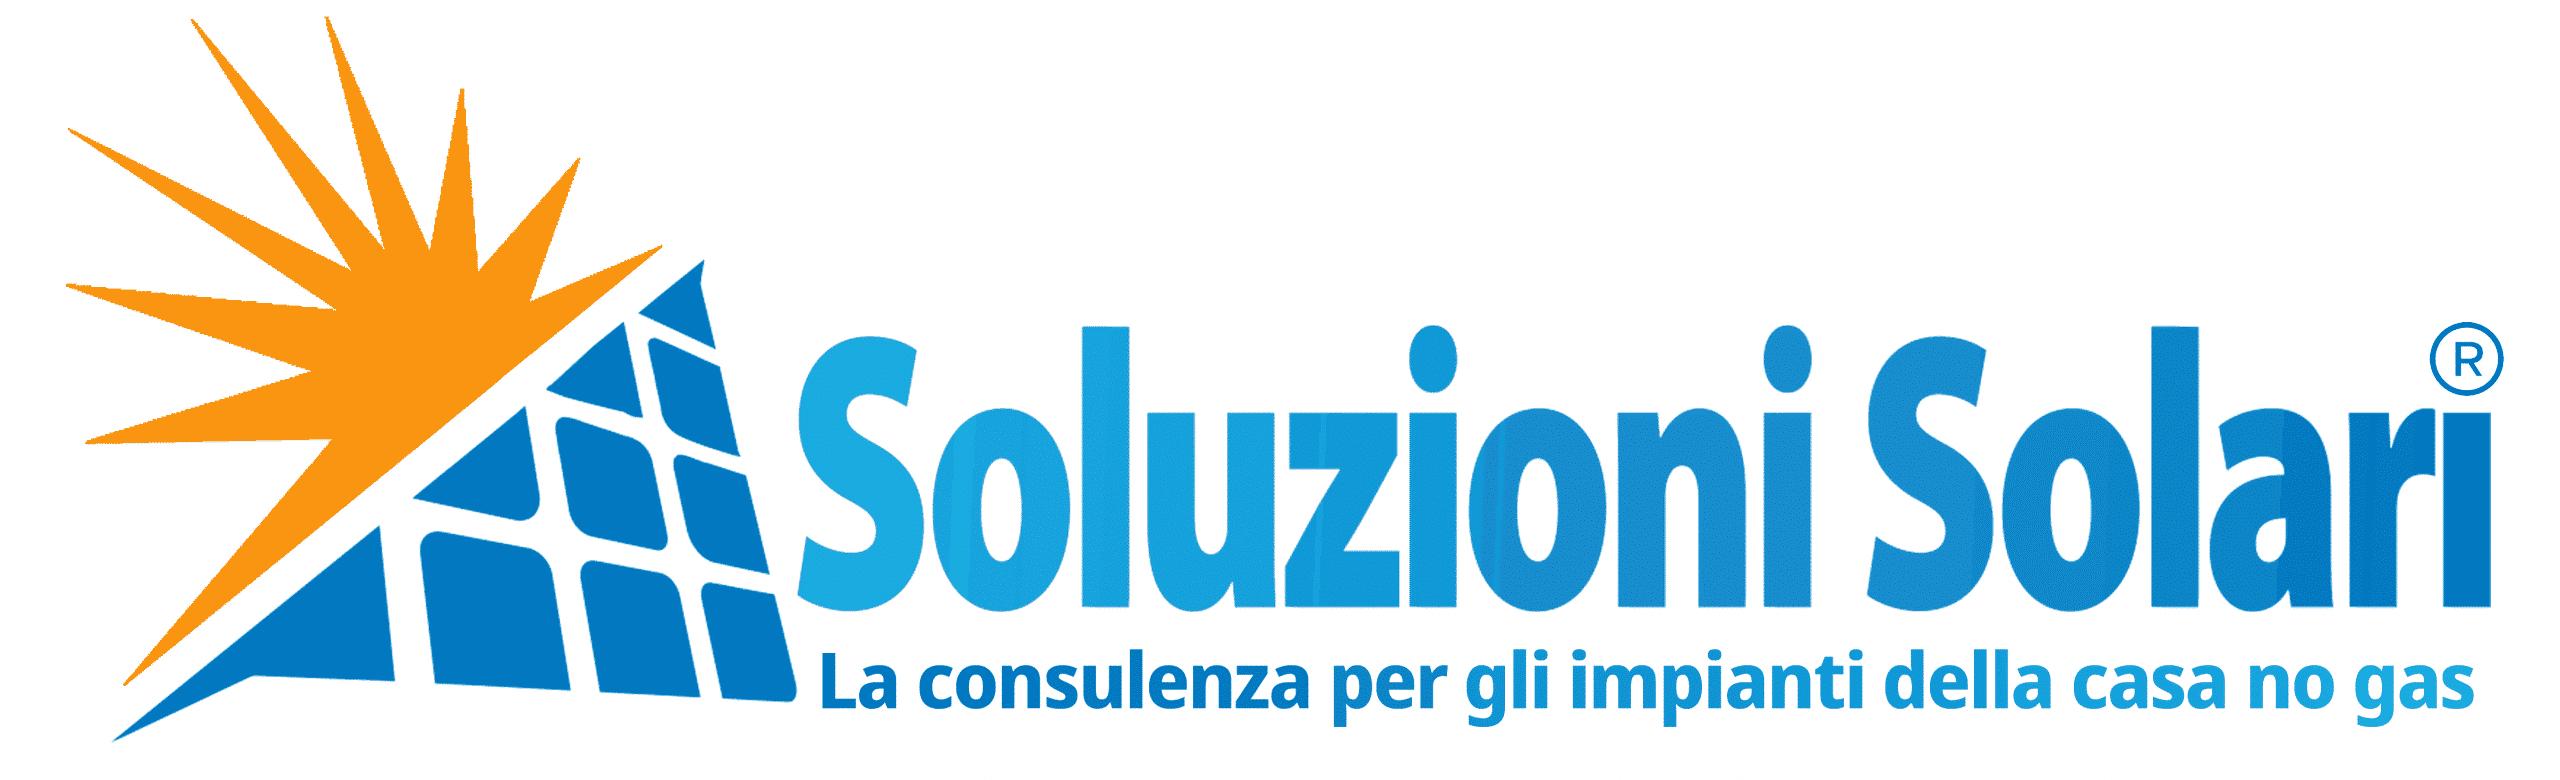 Logo soluzioni solari registrato